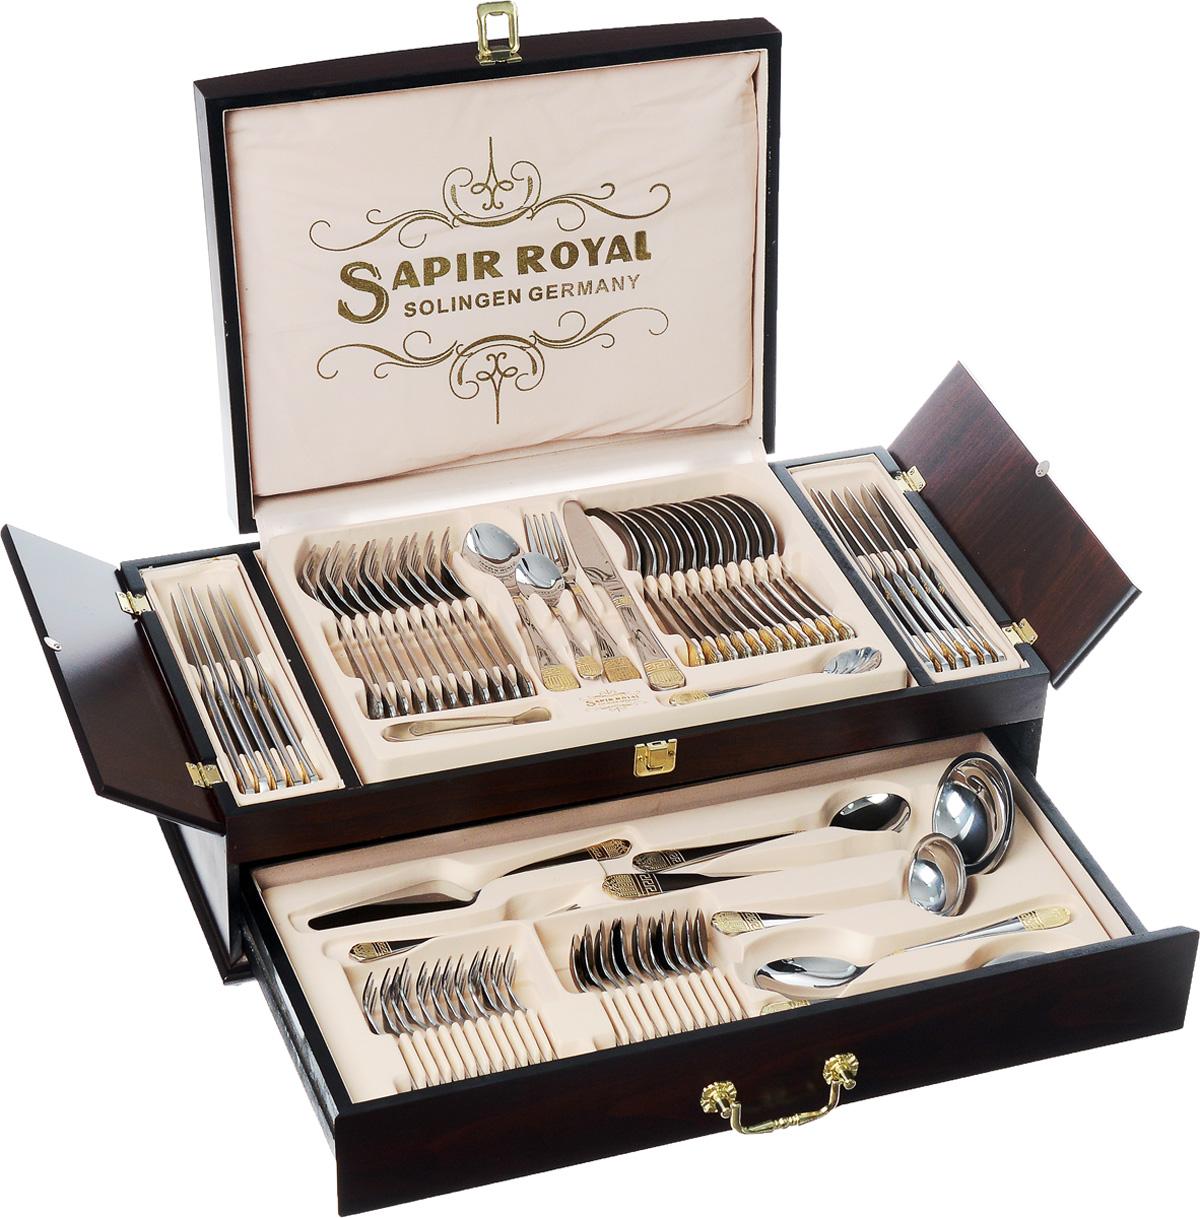 Набор столовых приборов Sapir Royal, 72 предмета100-2_(1005)Красивые столовые наборы являются важной составляющей каждого дома, красота и эстетичность столовых приборов удовлетворит запросы самых взыскательных покупателей. Несомненно, достойное место на любой кухне займет набор столовых приборов Sapir Royal из 72 предметов на 12 персон. Столовые приборы изготавливается из высококачественной нержавеющей стали с покрытием из золота 24 карат.Одним из важных этапов изготовления столовых приборов является полировка, от ее качества зависит гигиеничность предметов. Стильный, лаконичный дизайн и отличное качество столовых приборов Sapir Royal делают желанной покупкой для любого, даже самого пристрастного, клиента. Набор Sapir Royal - стильный и дорогой подарок, который можно преподнести на свадьбу, на новоселье или к юбилею.Можно мыть в посудомоечной машине.Состав набора:12 столовых ножей.12 столовых ложек.12 столовых вилок.12 чайных ложек.12 десертных вилок.Лопатка для торта.Половник.Ложка для соуса.2 ложки для картофеля.2 ложки для сервировки.Щипцы для льда и сахара.Ложка для мороженного.Ложка для сливок.2 вилки для мяса.Кейс.Длина столовых ножей: 23,5 см.Длина столовых ложек: 20,5 см.Длина столовых вилок: 20,5 см.Длина чайных ложек: 14,5 см.Длина десертных вилок: 14,7 см.Длина лопатки для торта: 21 см.Длина половника: 26 см.Длина ложки для соуса: 16,5 см.Длина ложек для картофеля: 19,7 см.Длина ложек для сервировки: 20,5 см.Длина щипцов для льда и сахара: 11 см.Длина ложки для сливок: 14,3 см.Длина вилок для мяса: 15 см.Размер кейса: 55 см х 30 см х 18 см.